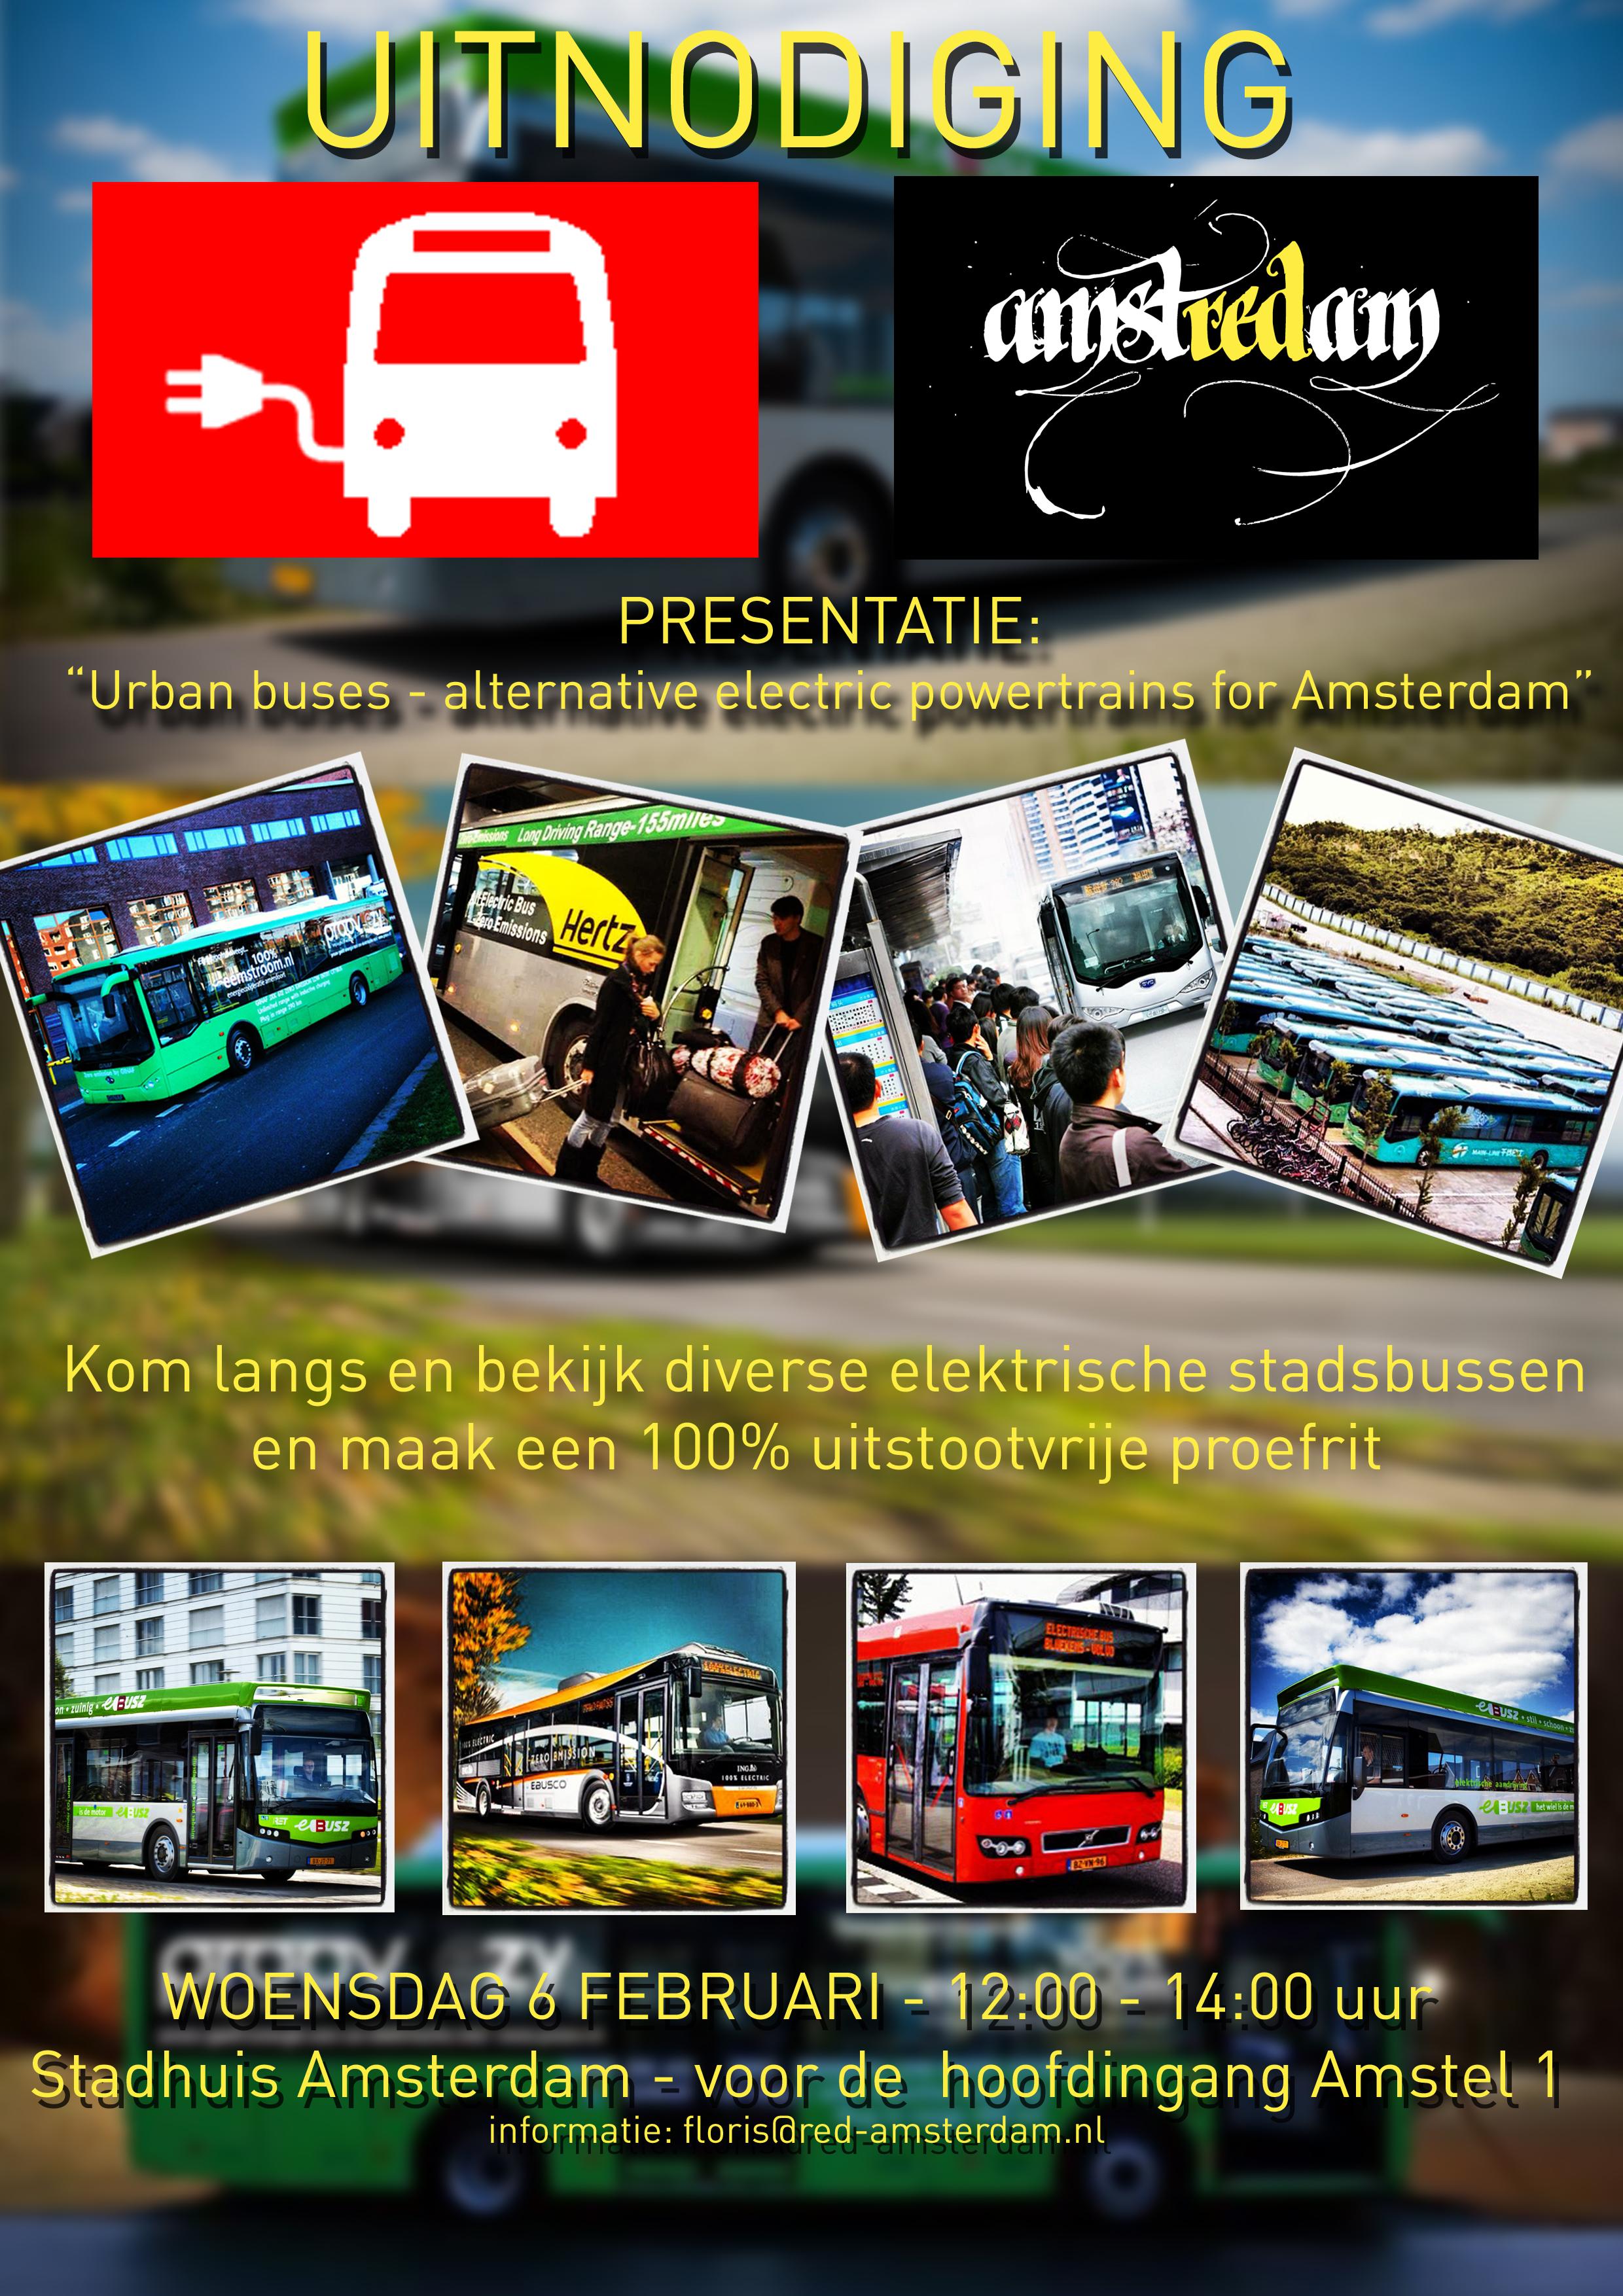 Op woensdag 6 februari a.s. organiseert Red Amsterdam een demonstratie van diverse elektrische bussen. Op het voorplein bij de hoofdingang van het stadhuis zullen tussen 12.00 en 14.00 uur diverse elektrische bussen worden gepresenteerd en is er de mogelijkheid om een proefrit te maken.